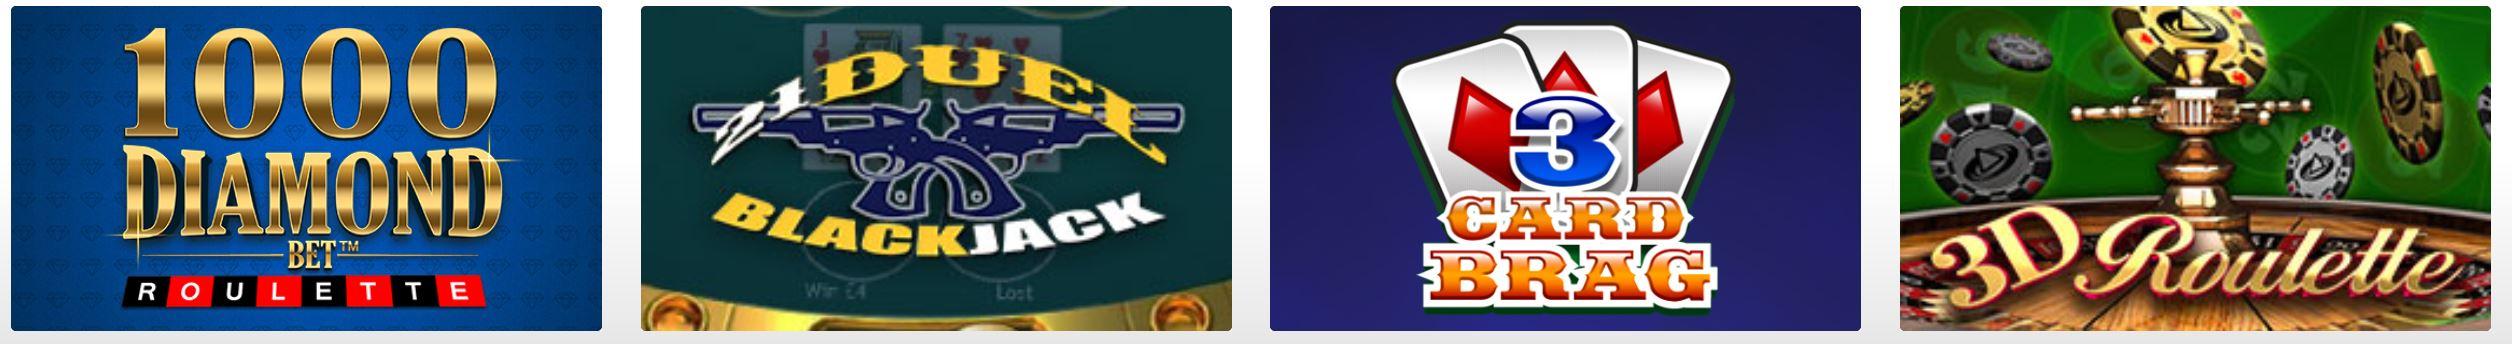 Este sitio cuenta con gran variedad de juegos de azar.